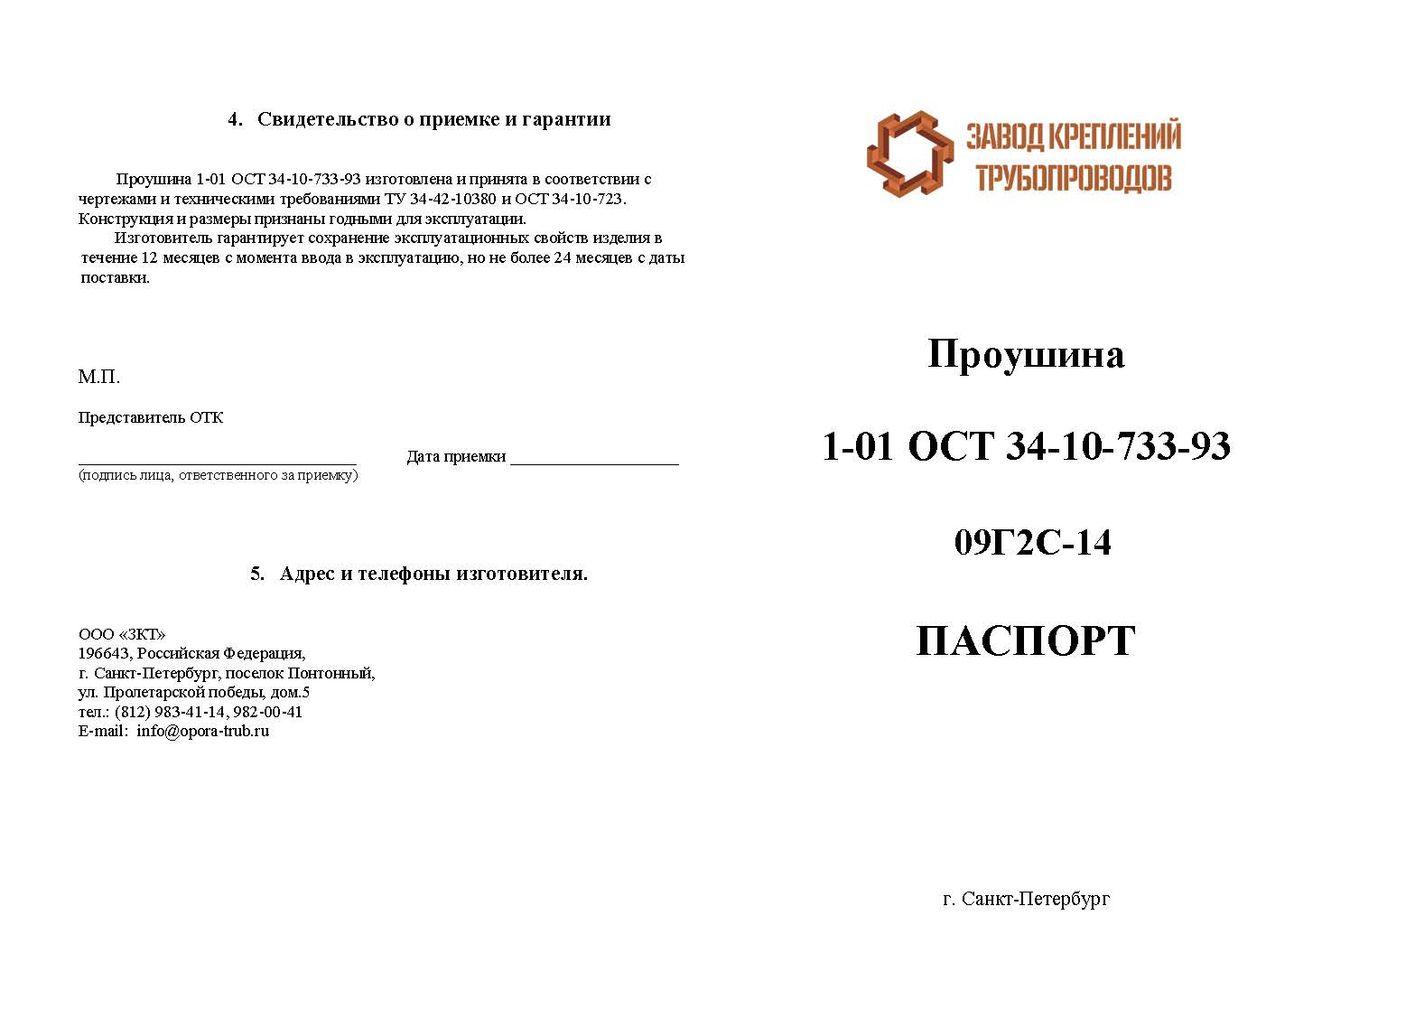 Паспорт Проушина 1-01 ОСТ 34-10-733-93 стр.1